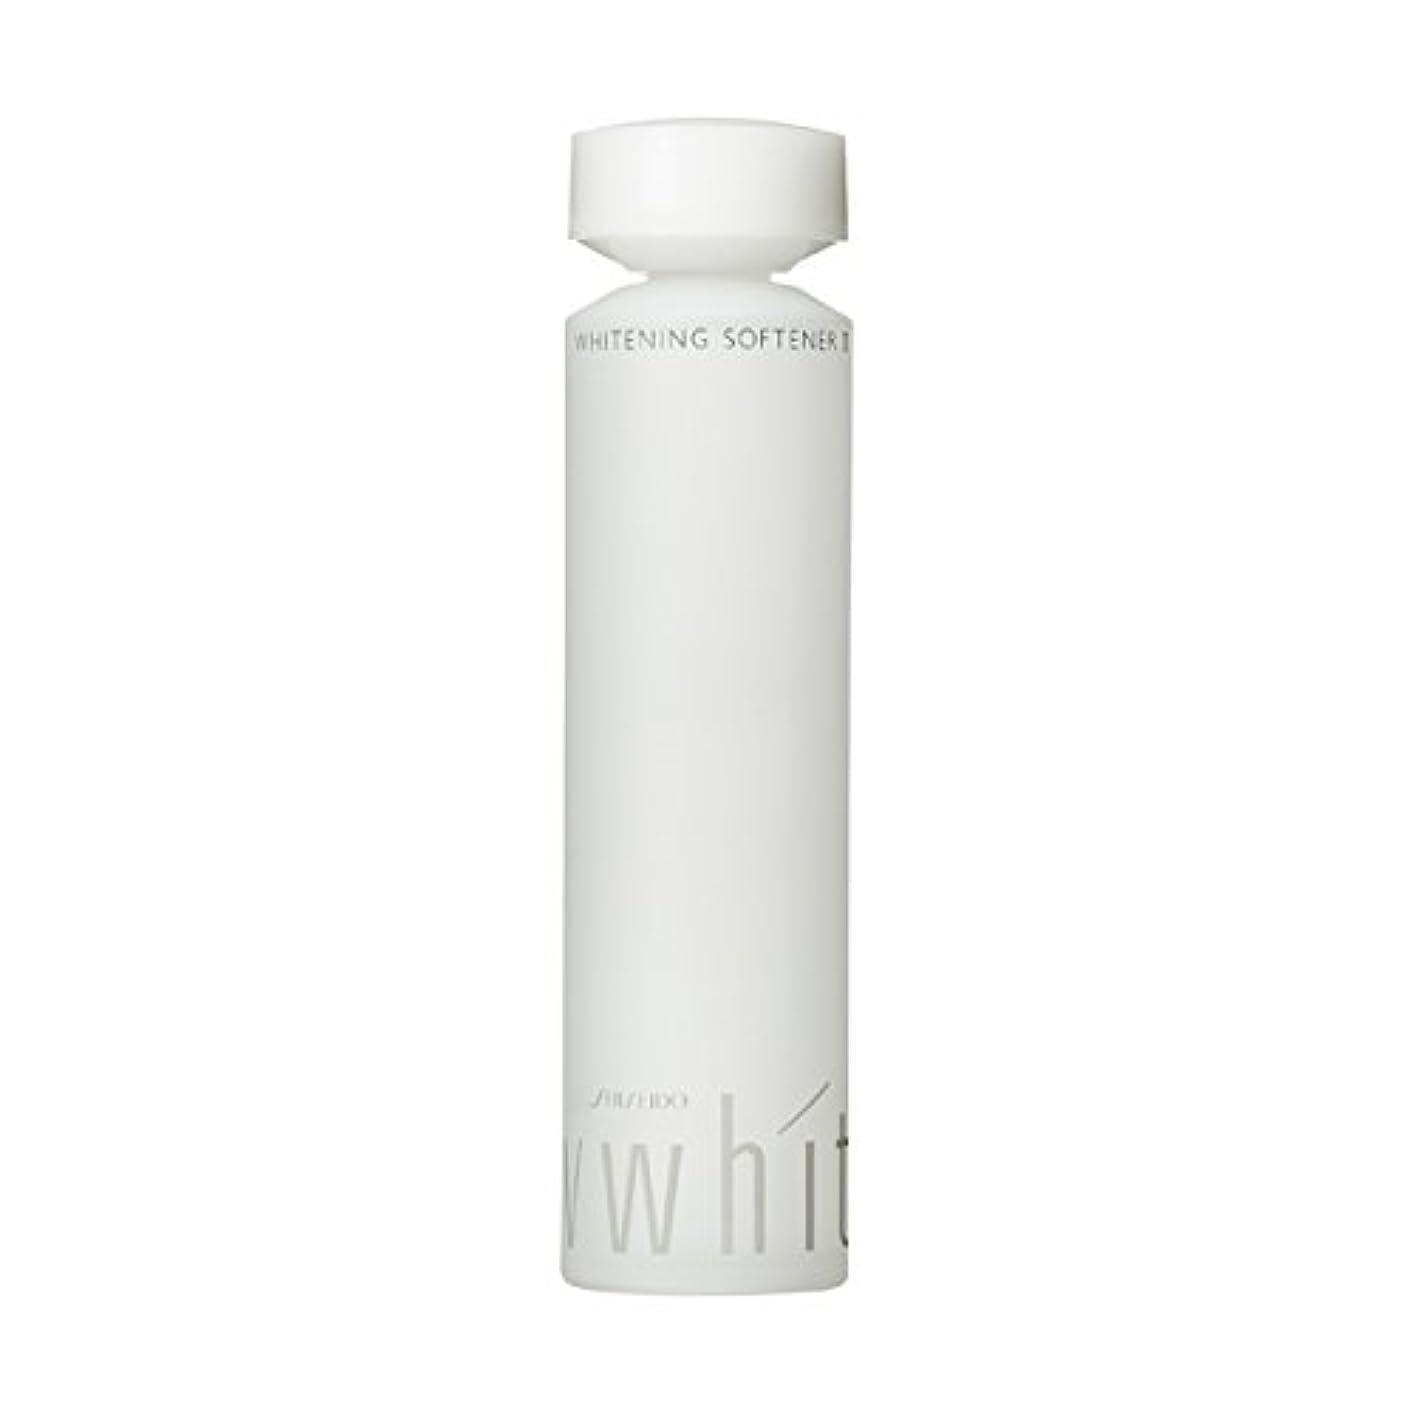 支払う複雑世界UVホワイト ホワイトニング ソフナー 2 150mL [医薬部外品]